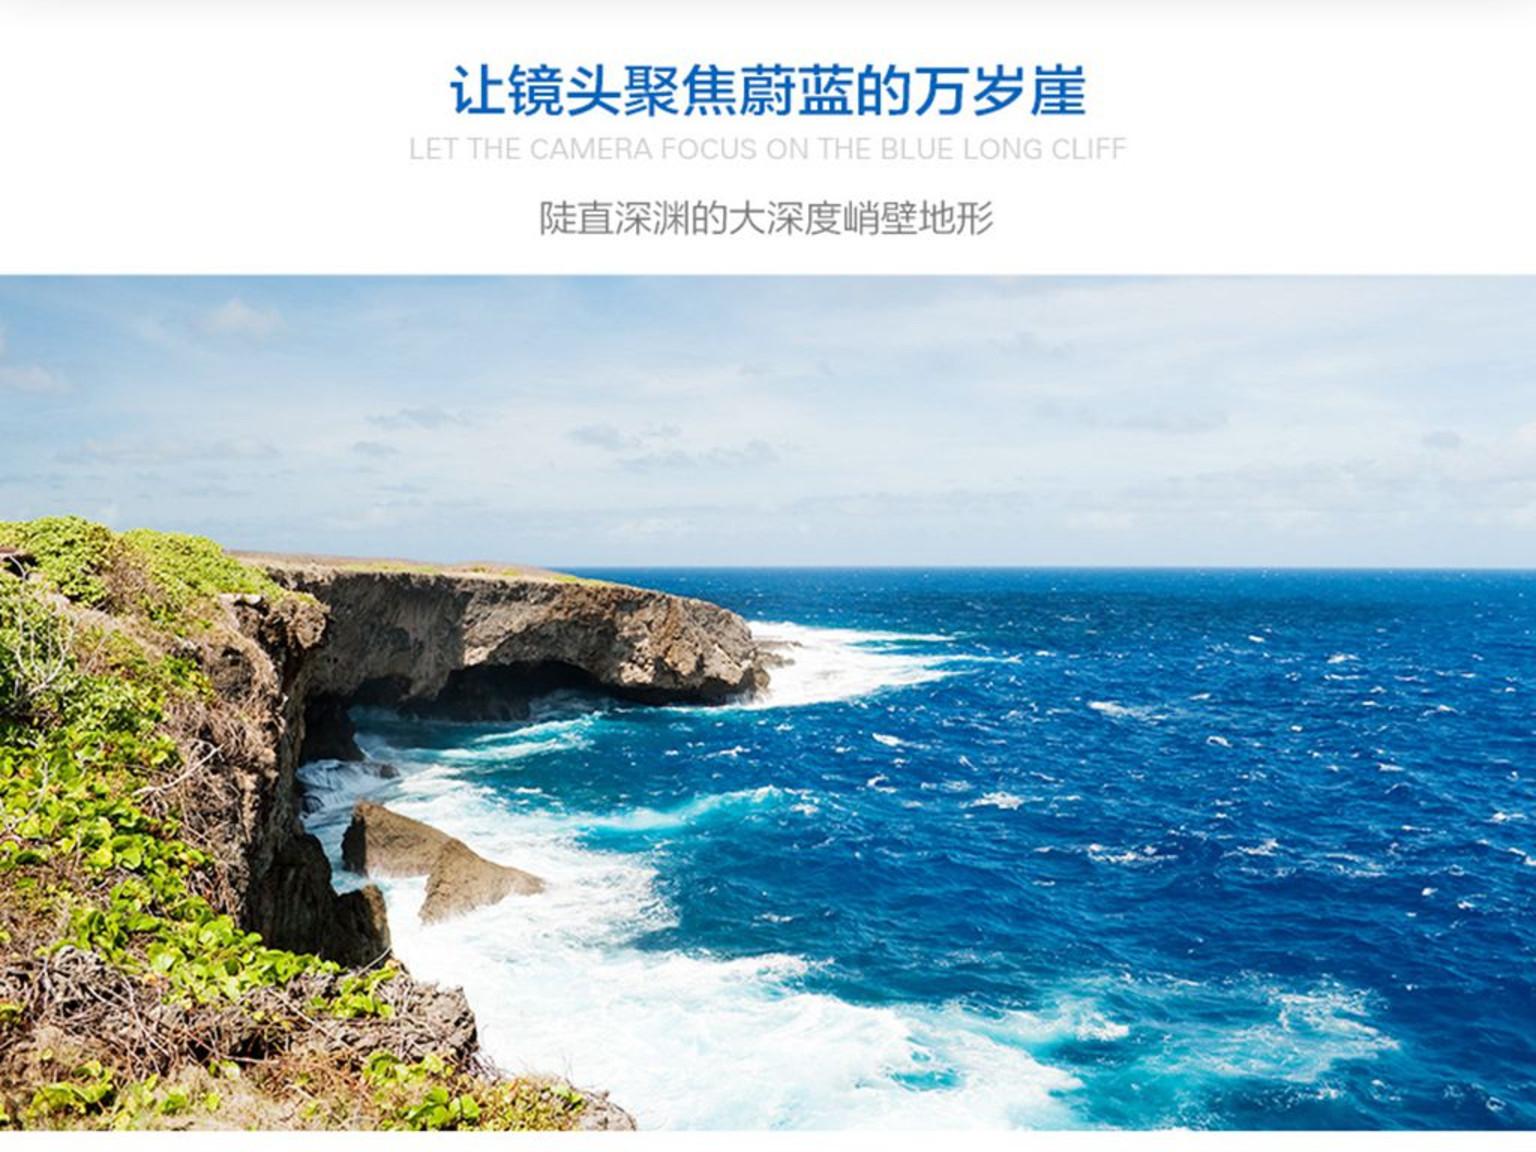 [国庆] 美国-塞班岛5日游>自选酒店(小岛酒店/ 马里亚